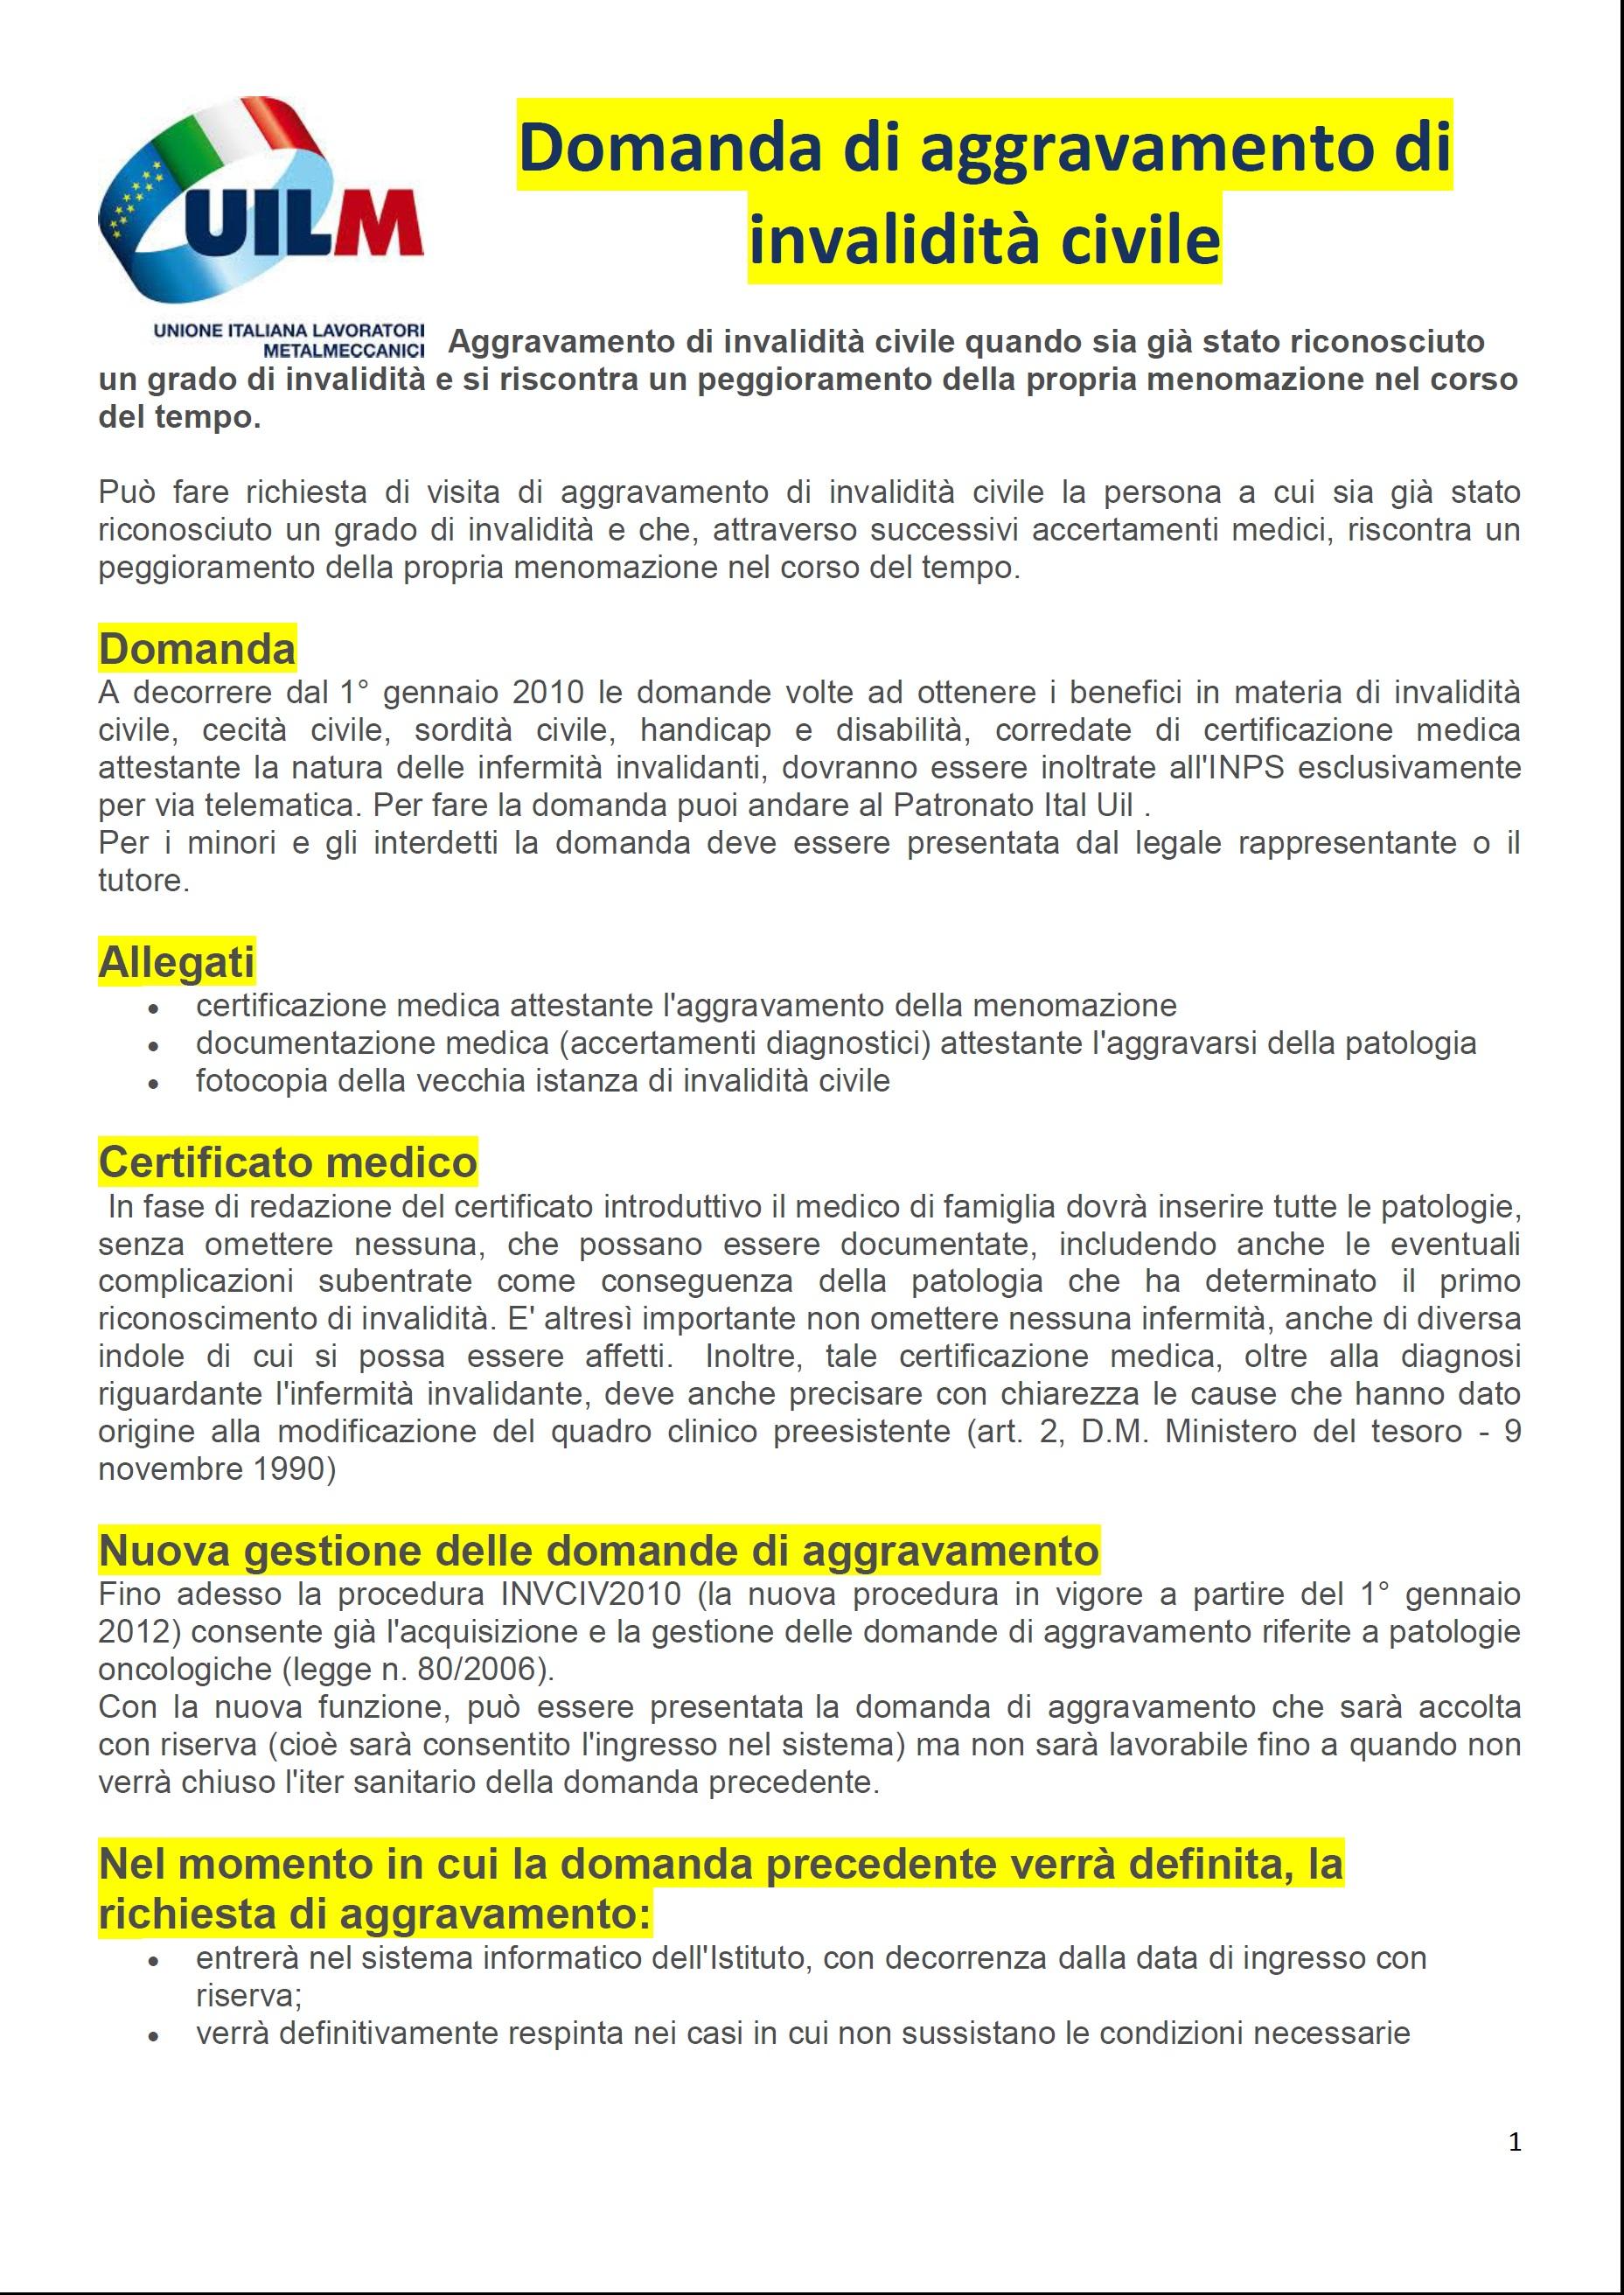 RICHIESTA AGGRAVAMENTO INVALIDITA' CIVILE - uilm cuneo